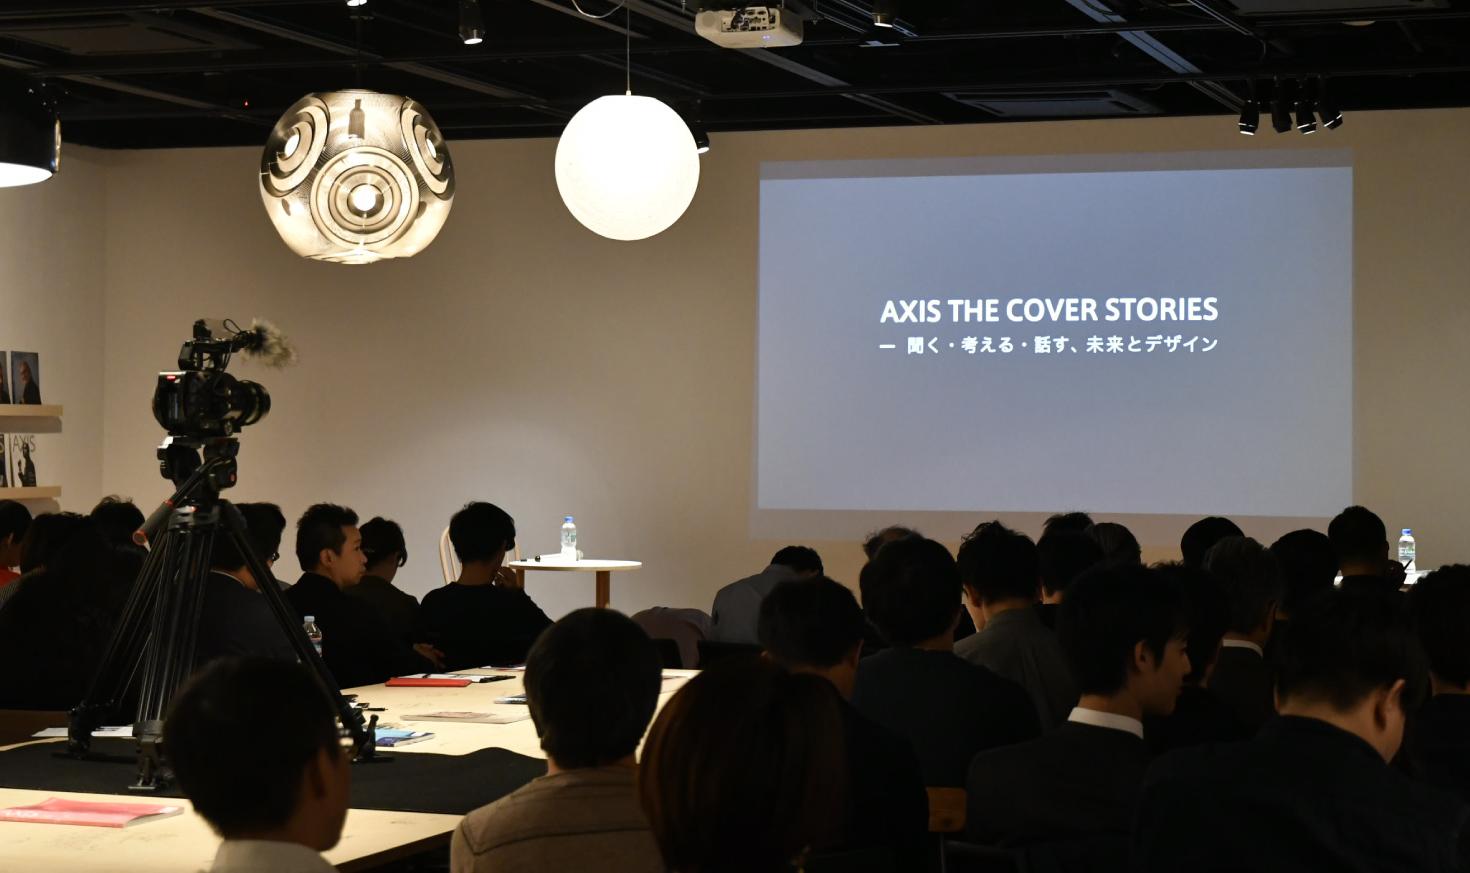 山中俊治×寺尾玄が熱く語った「人とテクノロジーの未来」  『AXIS THE COVER STORIES』トークセッション